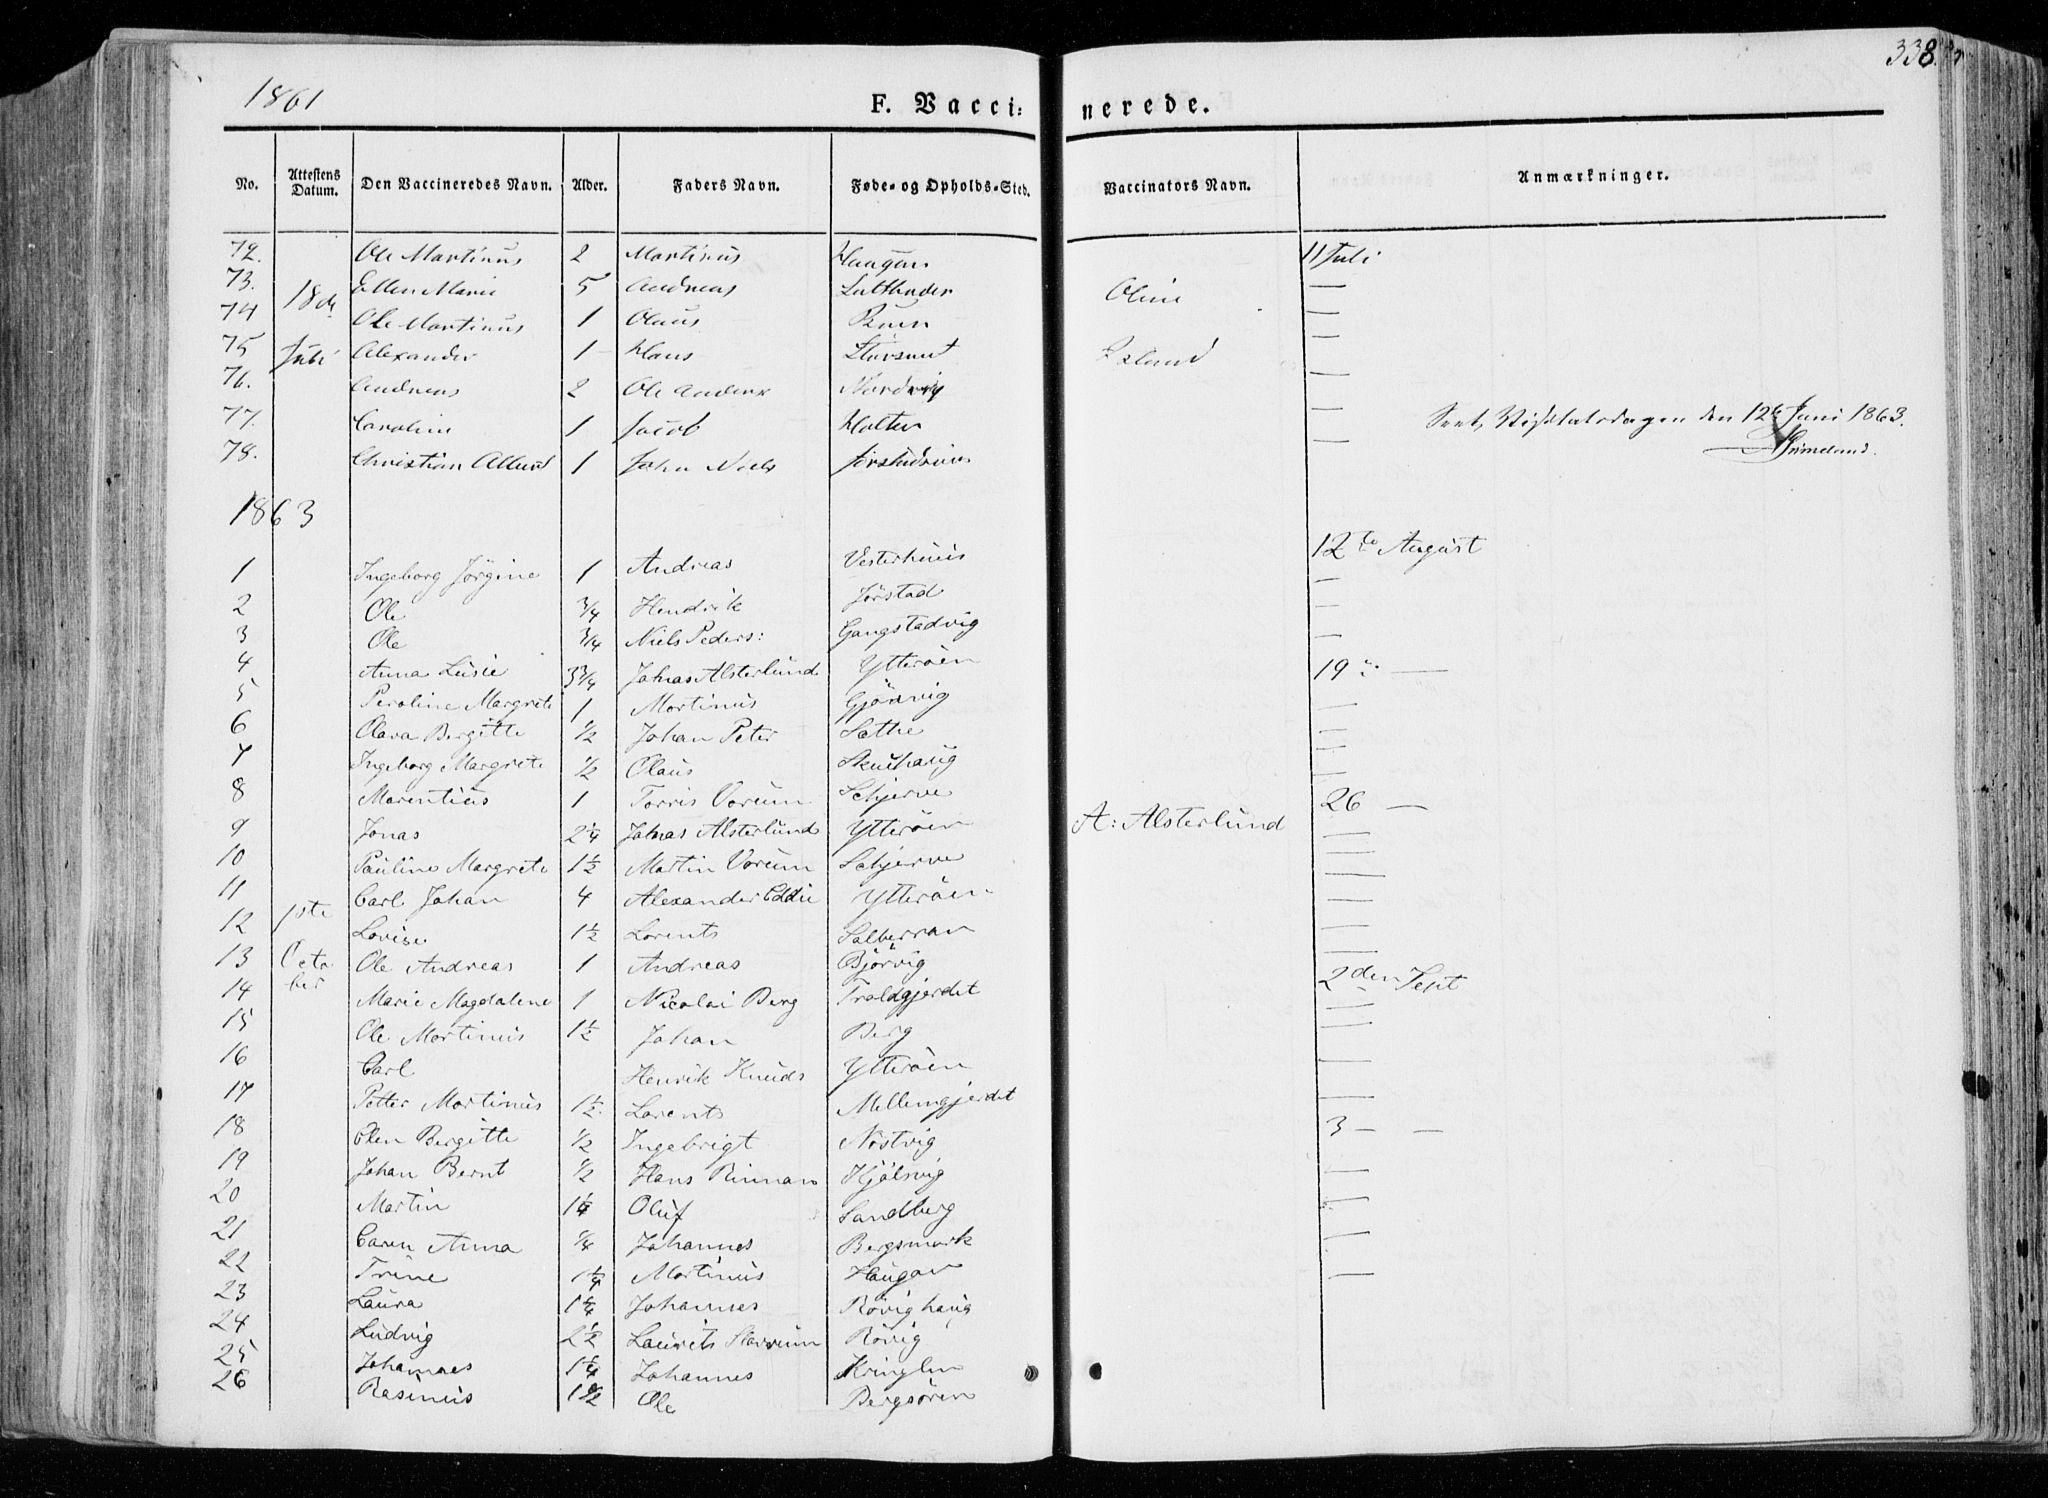 SAT, Ministerialprotokoller, klokkerbøker og fødselsregistre - Nord-Trøndelag, 722/L0218: Ministerialbok nr. 722A05, 1843-1868, s. 338